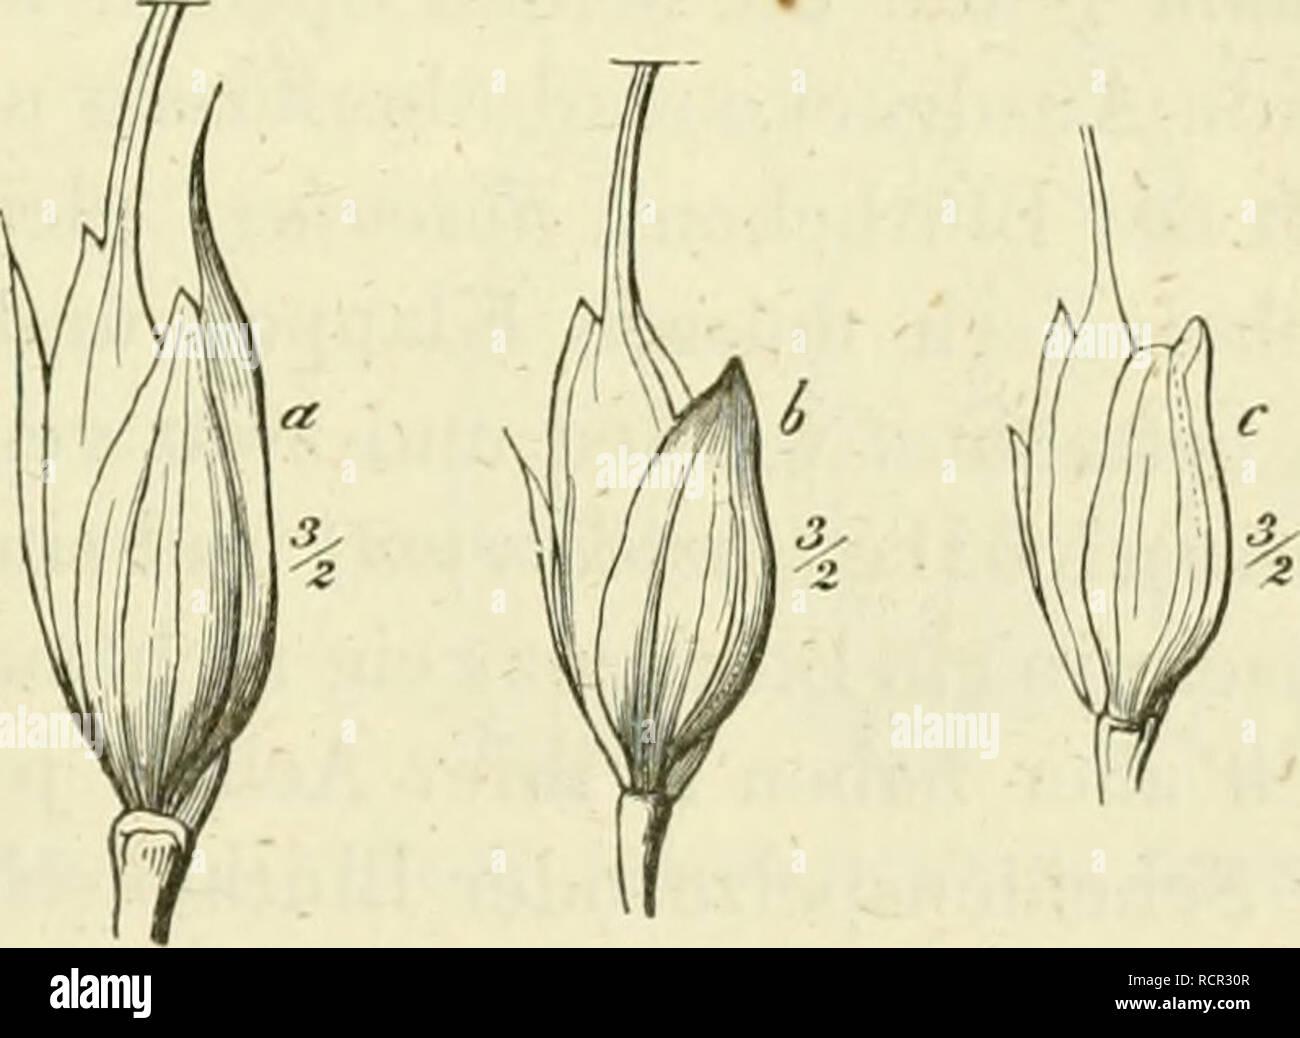 . Deutschlands Gräser und Getreidearten zu leichter Erkenntniss nach dem Wuchse, den Blättern, Blüthen und Früchten zusammengestellt und für die Land- und Forstwirtschaft nach Vorkommen und Nutzen ausführlich beschrieben. Plants. Fig.60. Ph. asperum. 6, c Klap- pen die Aehrc}ien einschlies- seiid. nach oben und bilden oft 2, Fig. G1 — 64, oder mehrere Zipfel, während zwi- schen dem Ursprünge der Granne und der Spitze sich eine längere oder tie- fere Spalte findet, Fig. 65. Diese Spalte findet sich bisweilen auch an Spelzen, denen die Granne fehlt. Dies kommt besonders bei einigen sol- chen Art Stock Photo